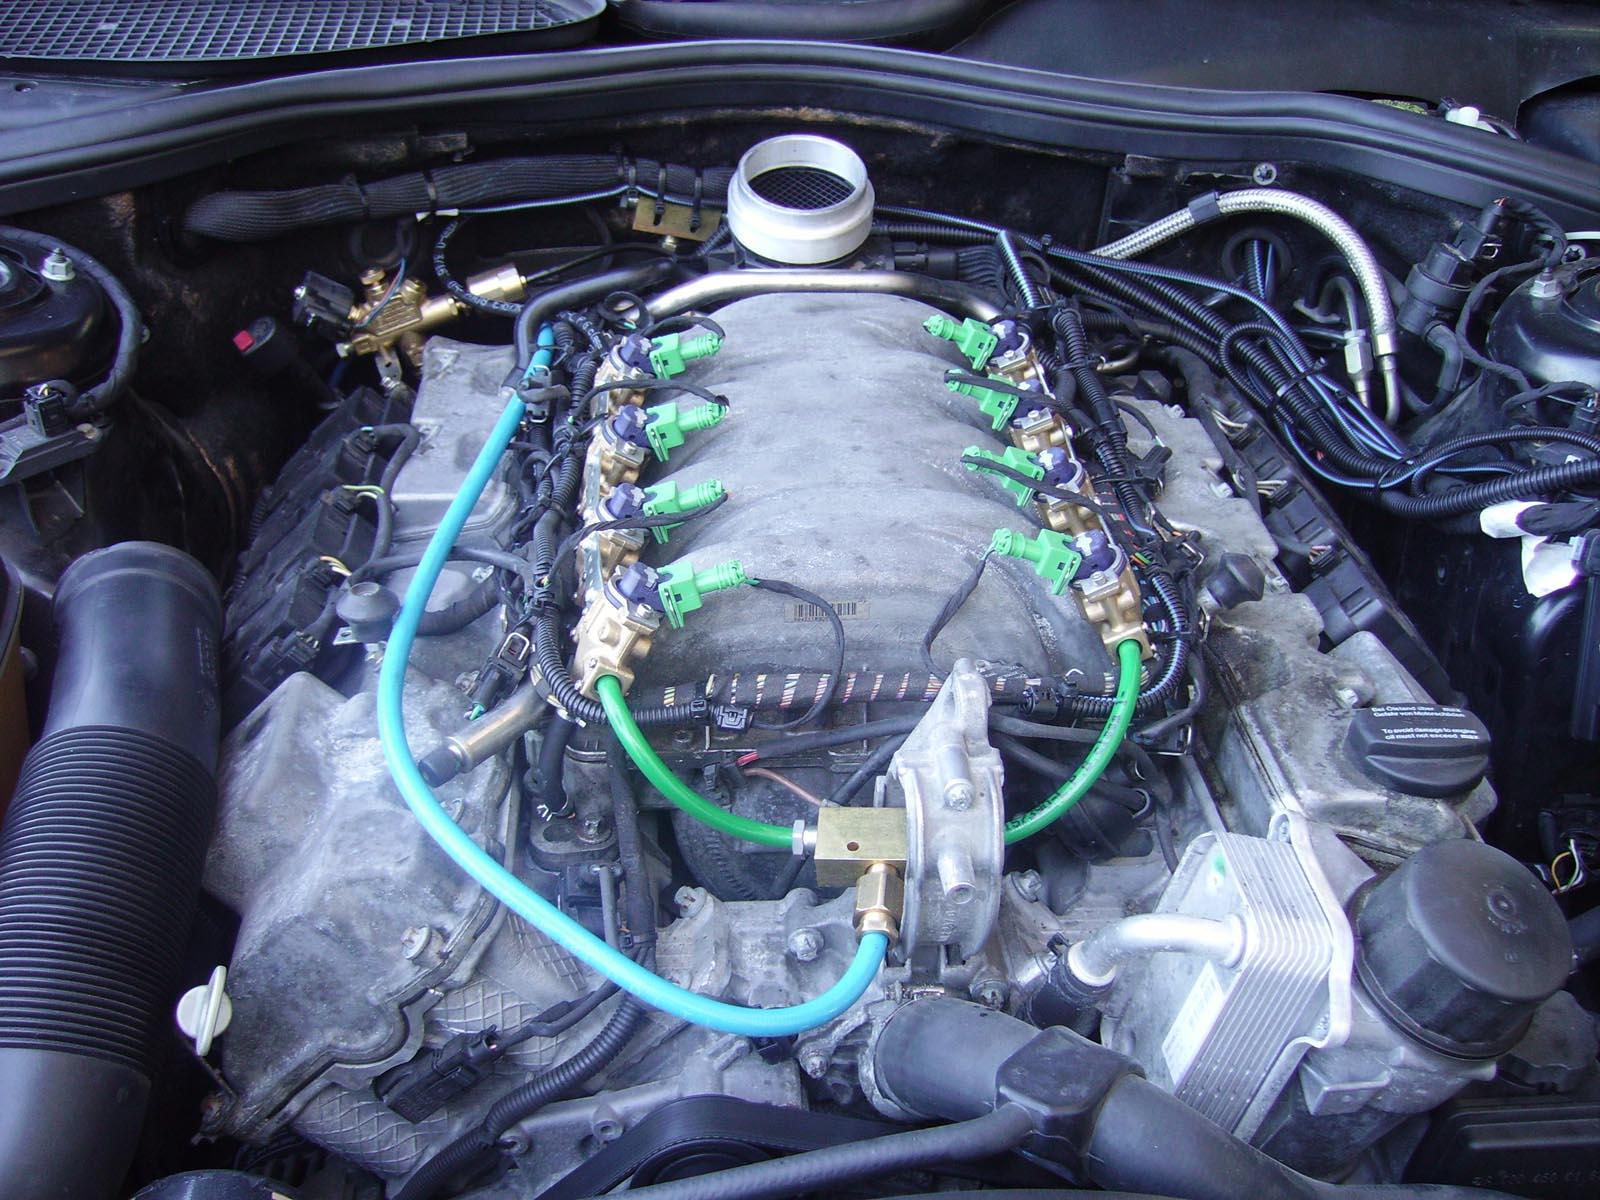 Trasformazione di una Mercedes S 500 a GPL a iniezioni liquida. Senza polmone riduttore.